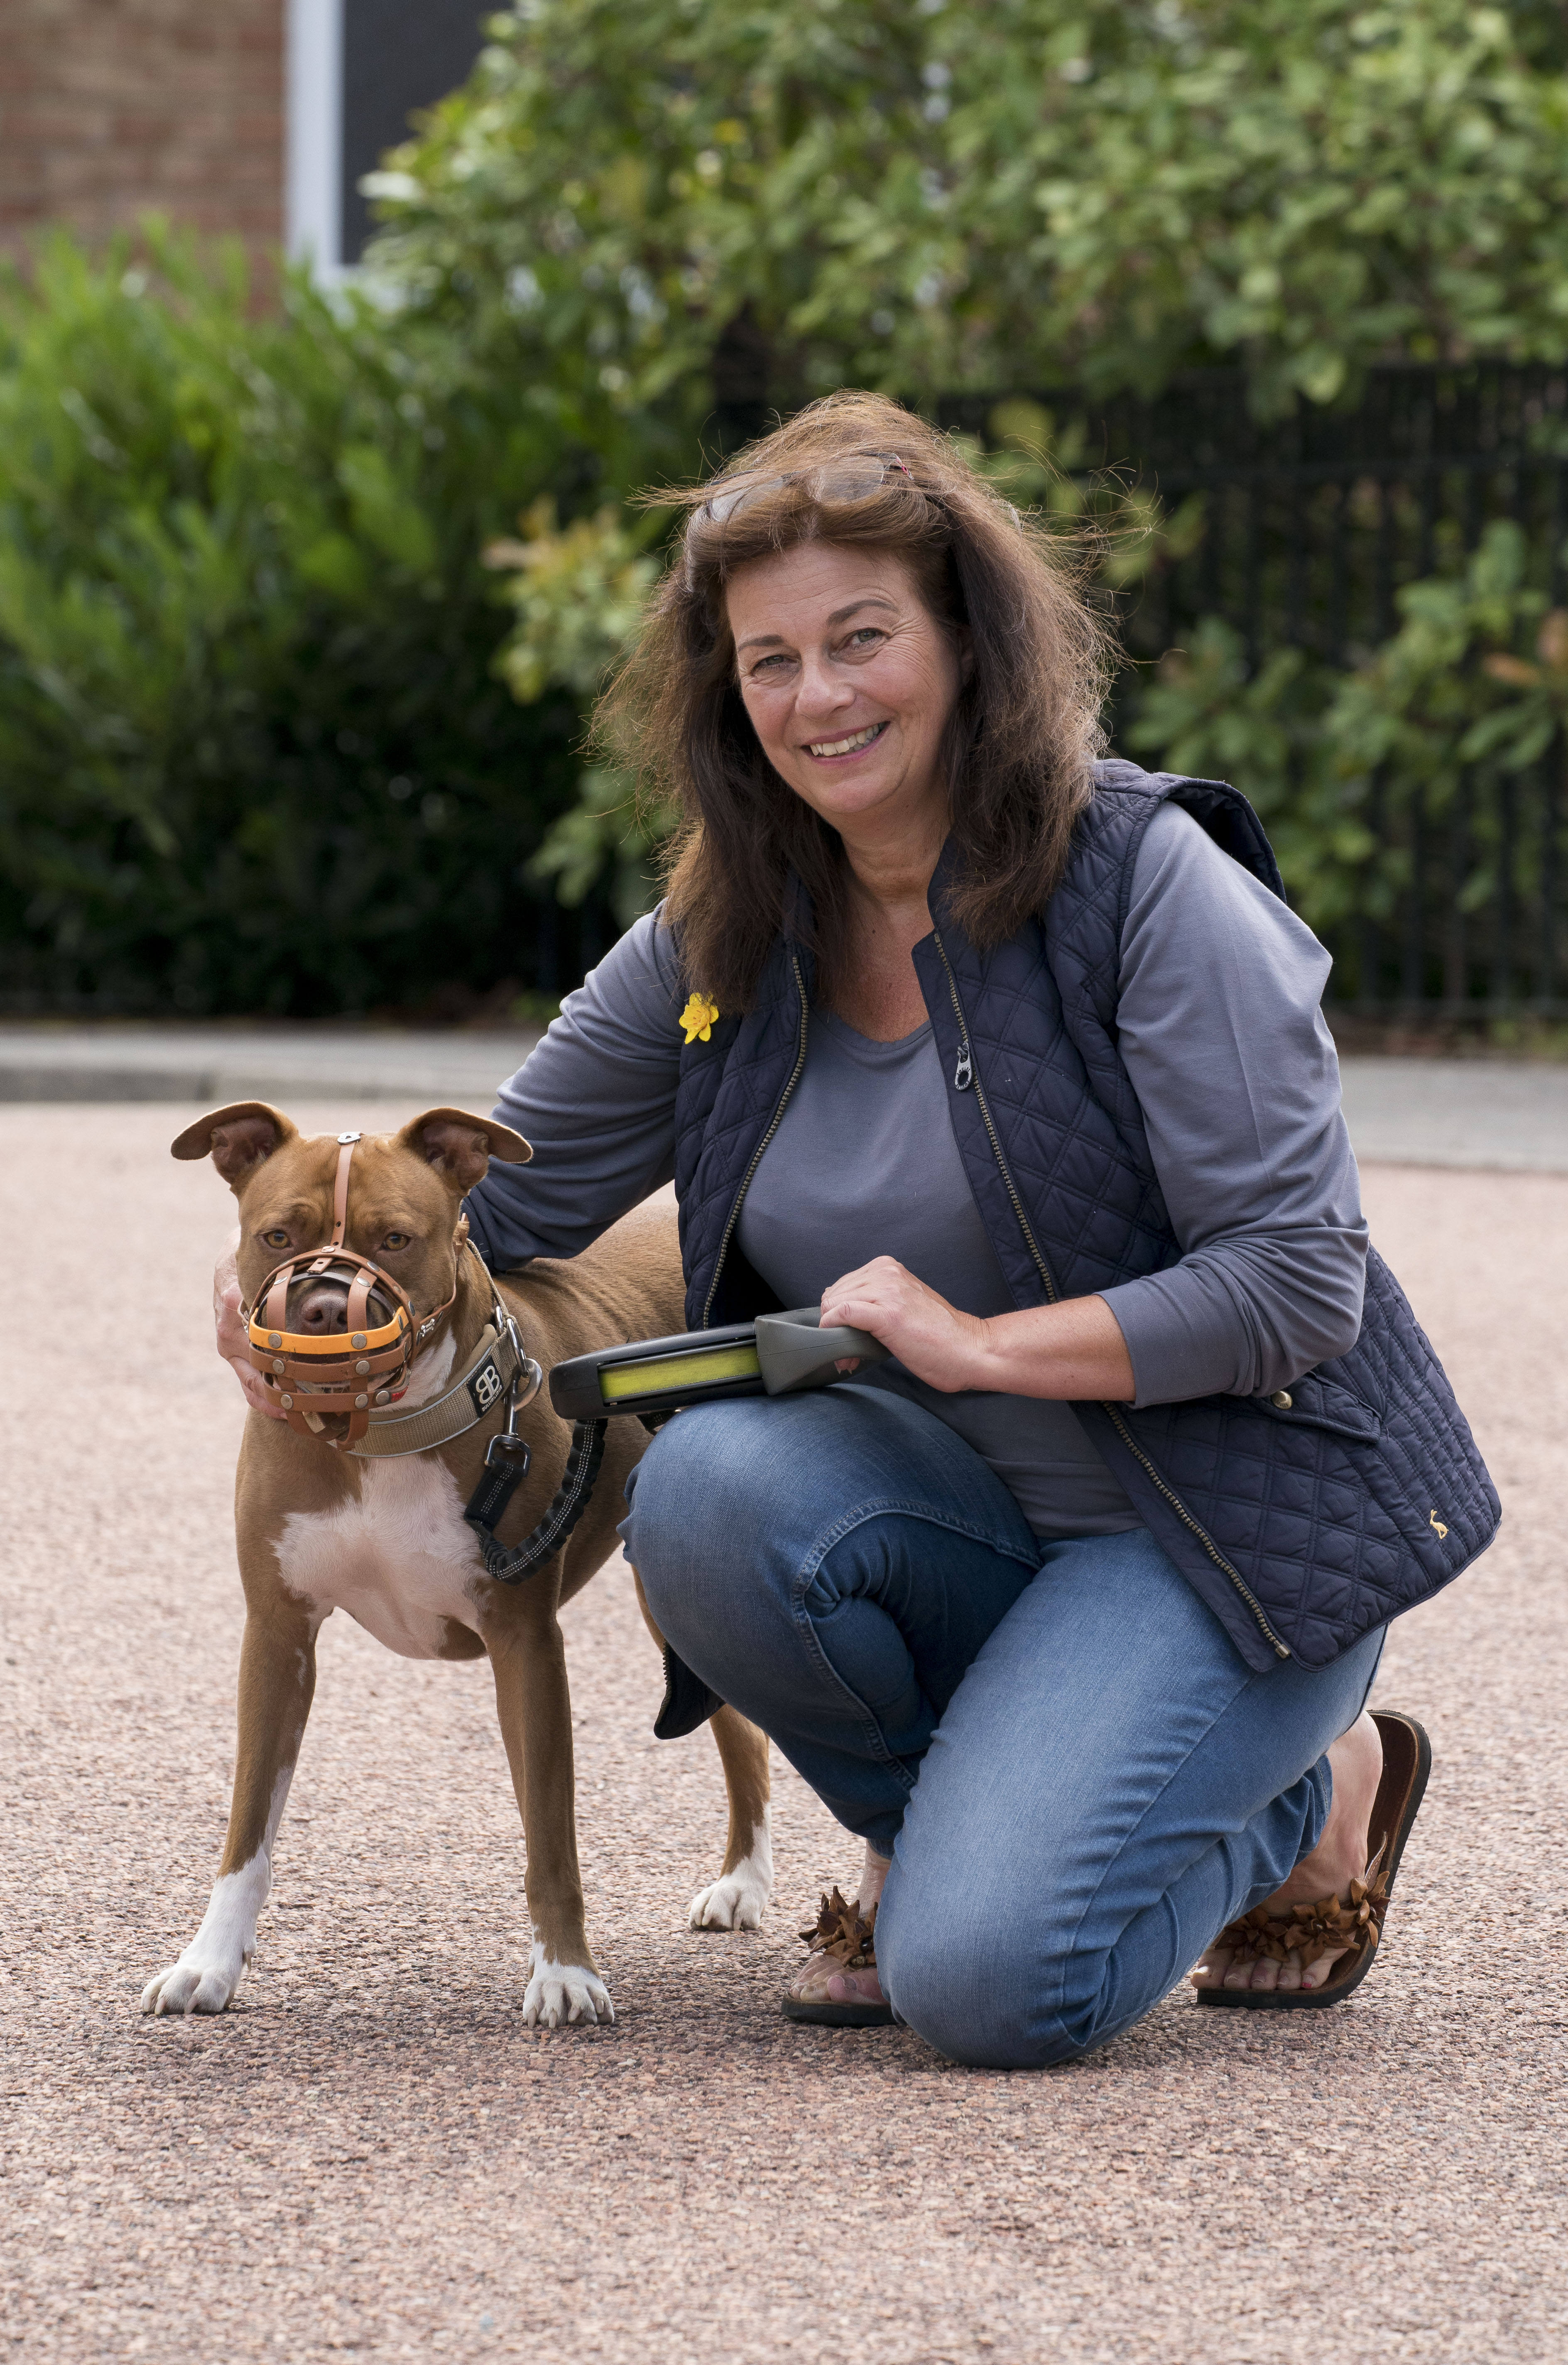 Anita Mehdi and her dog Lola